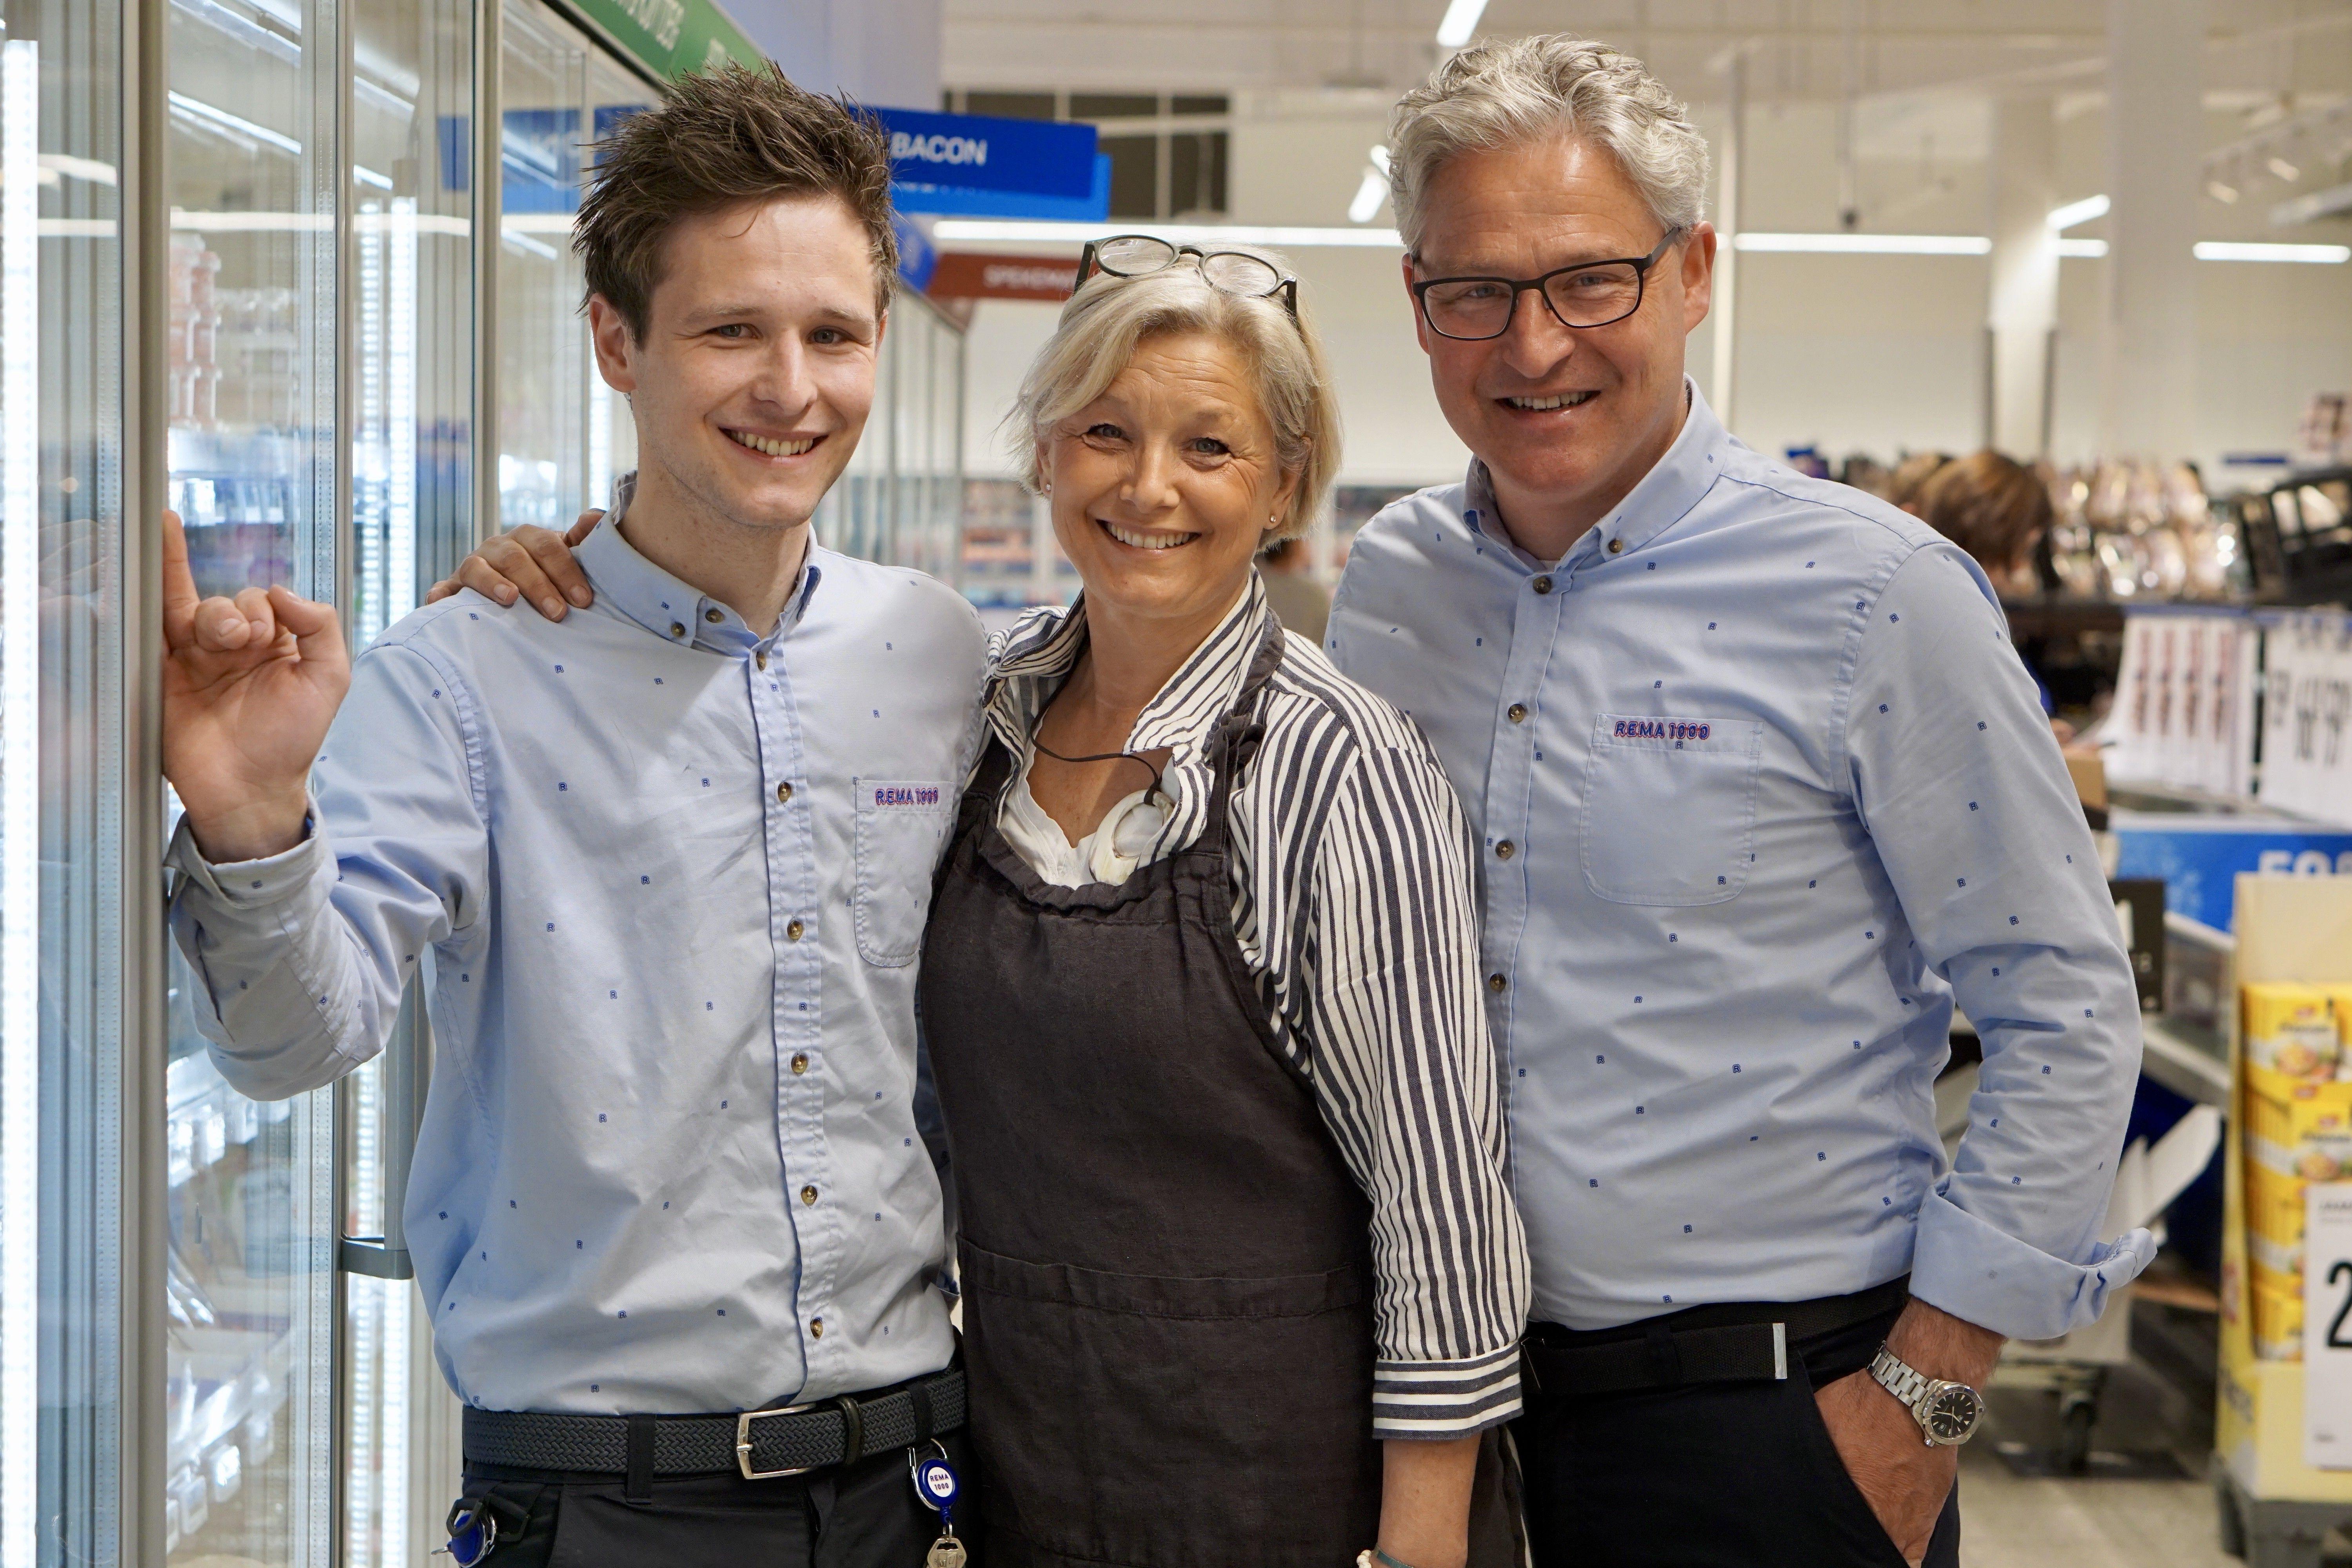 KJØPMANNSFAMILIEN: Petter Halvorsen(F.V.), Elisabeth Halvorsen og Olav Halvorsen stortrives som en kjøpmannsfamilie.